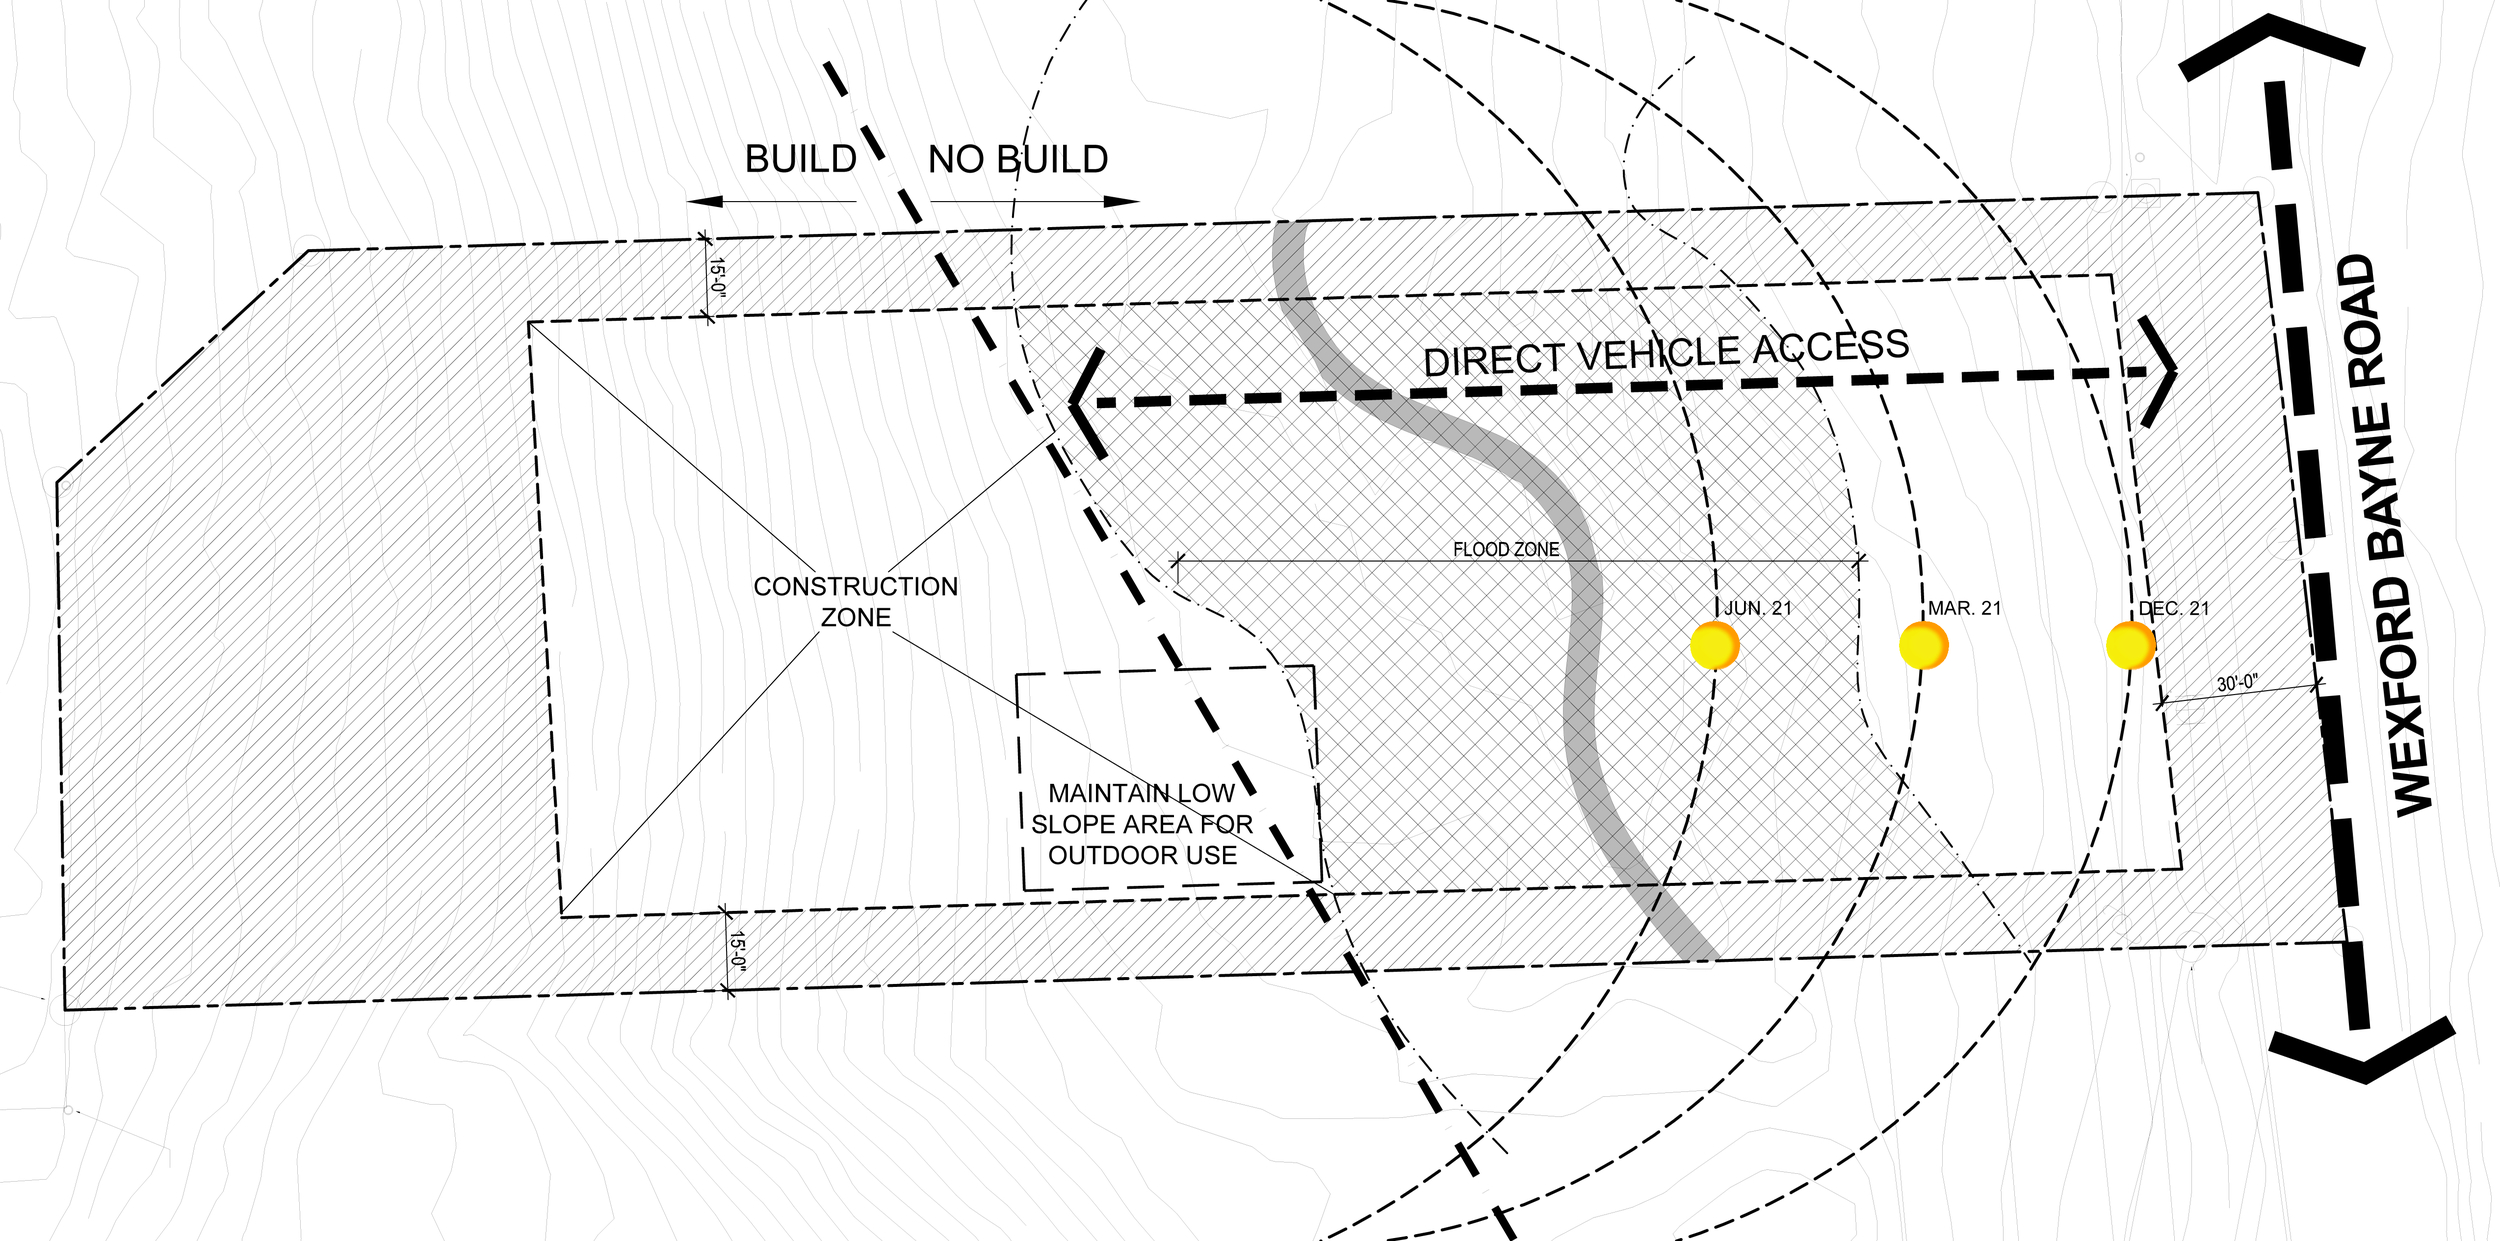 12015 - Build_No Build Diagram.jpg